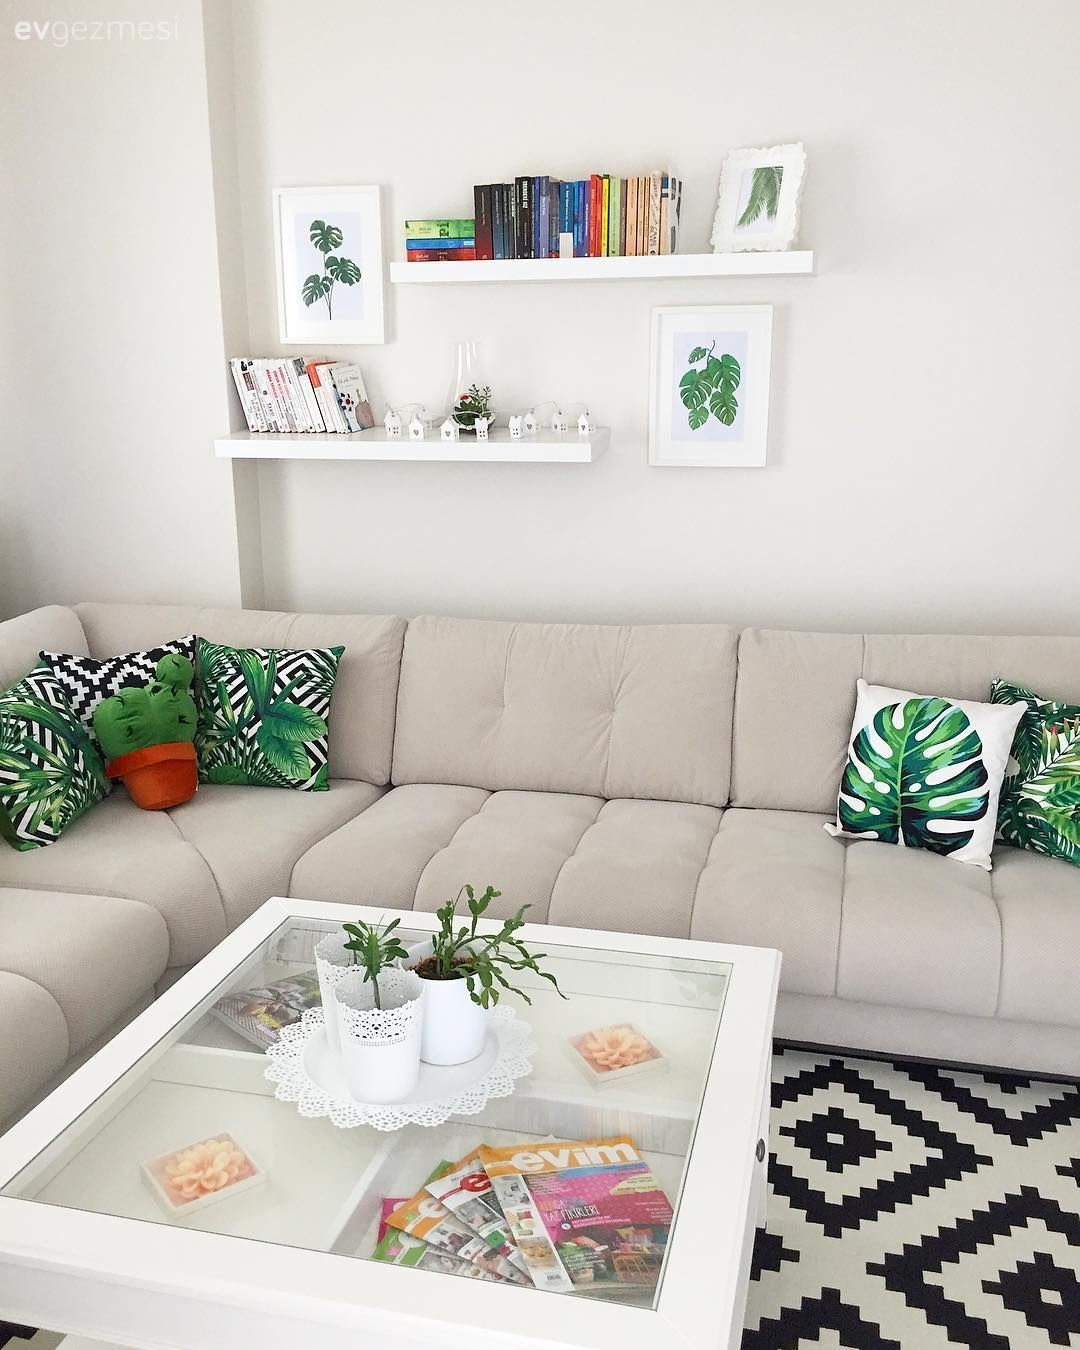 Bu Dubleks Evde Estetik Kadar Kullanislilik Da On Planda 10 Ev Gezmesi Oturma Odasi Dekorasyonu Oturma Odasi Fikirleri Oturma Odasi Tasarimlari